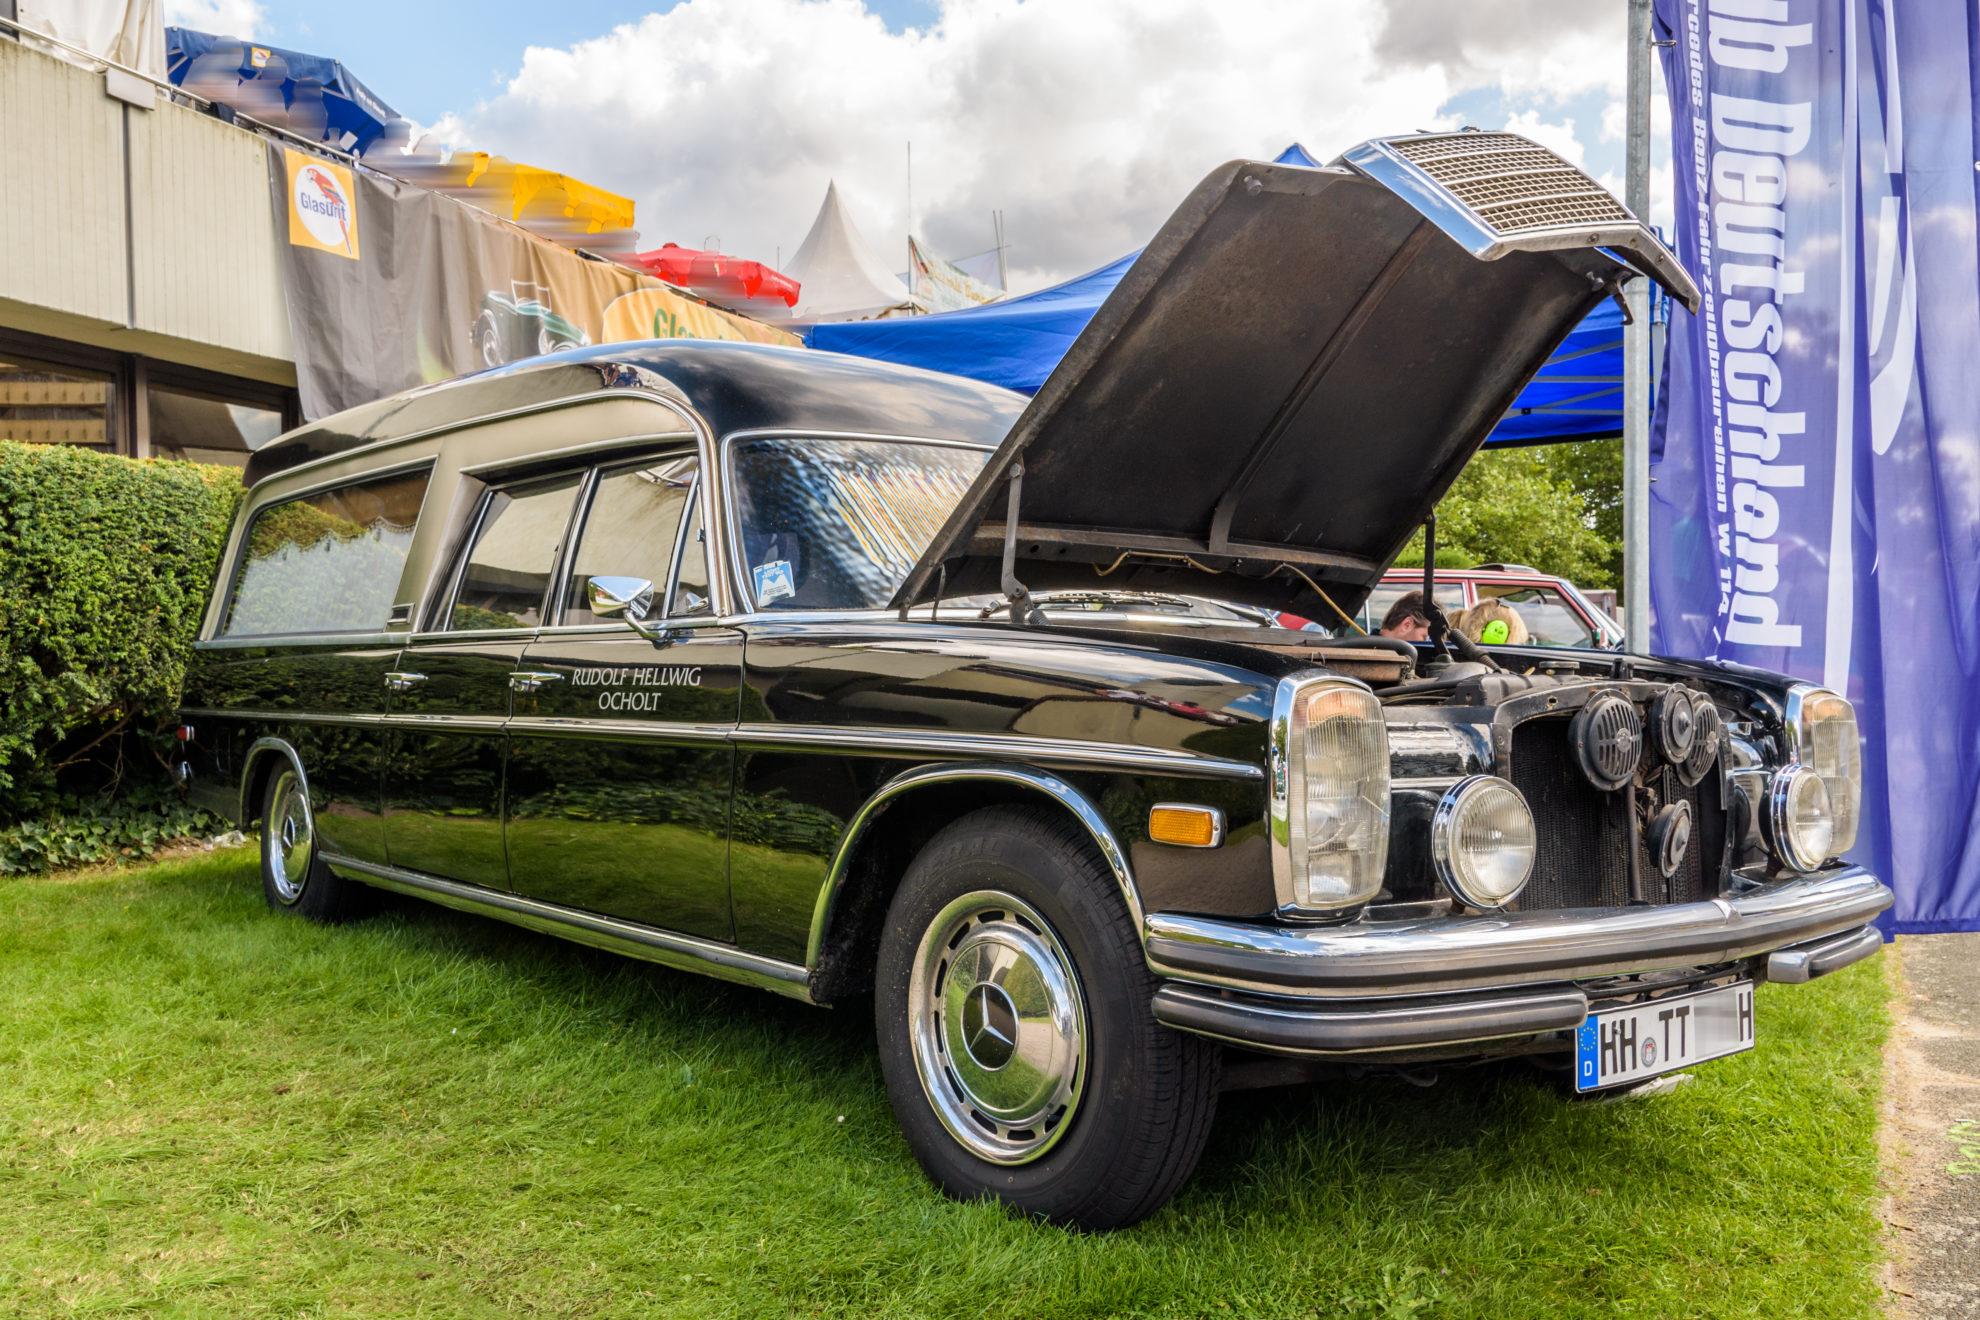 Mercedes-Benz /8 - W114/W115 - Umbau zum Leichenwagen